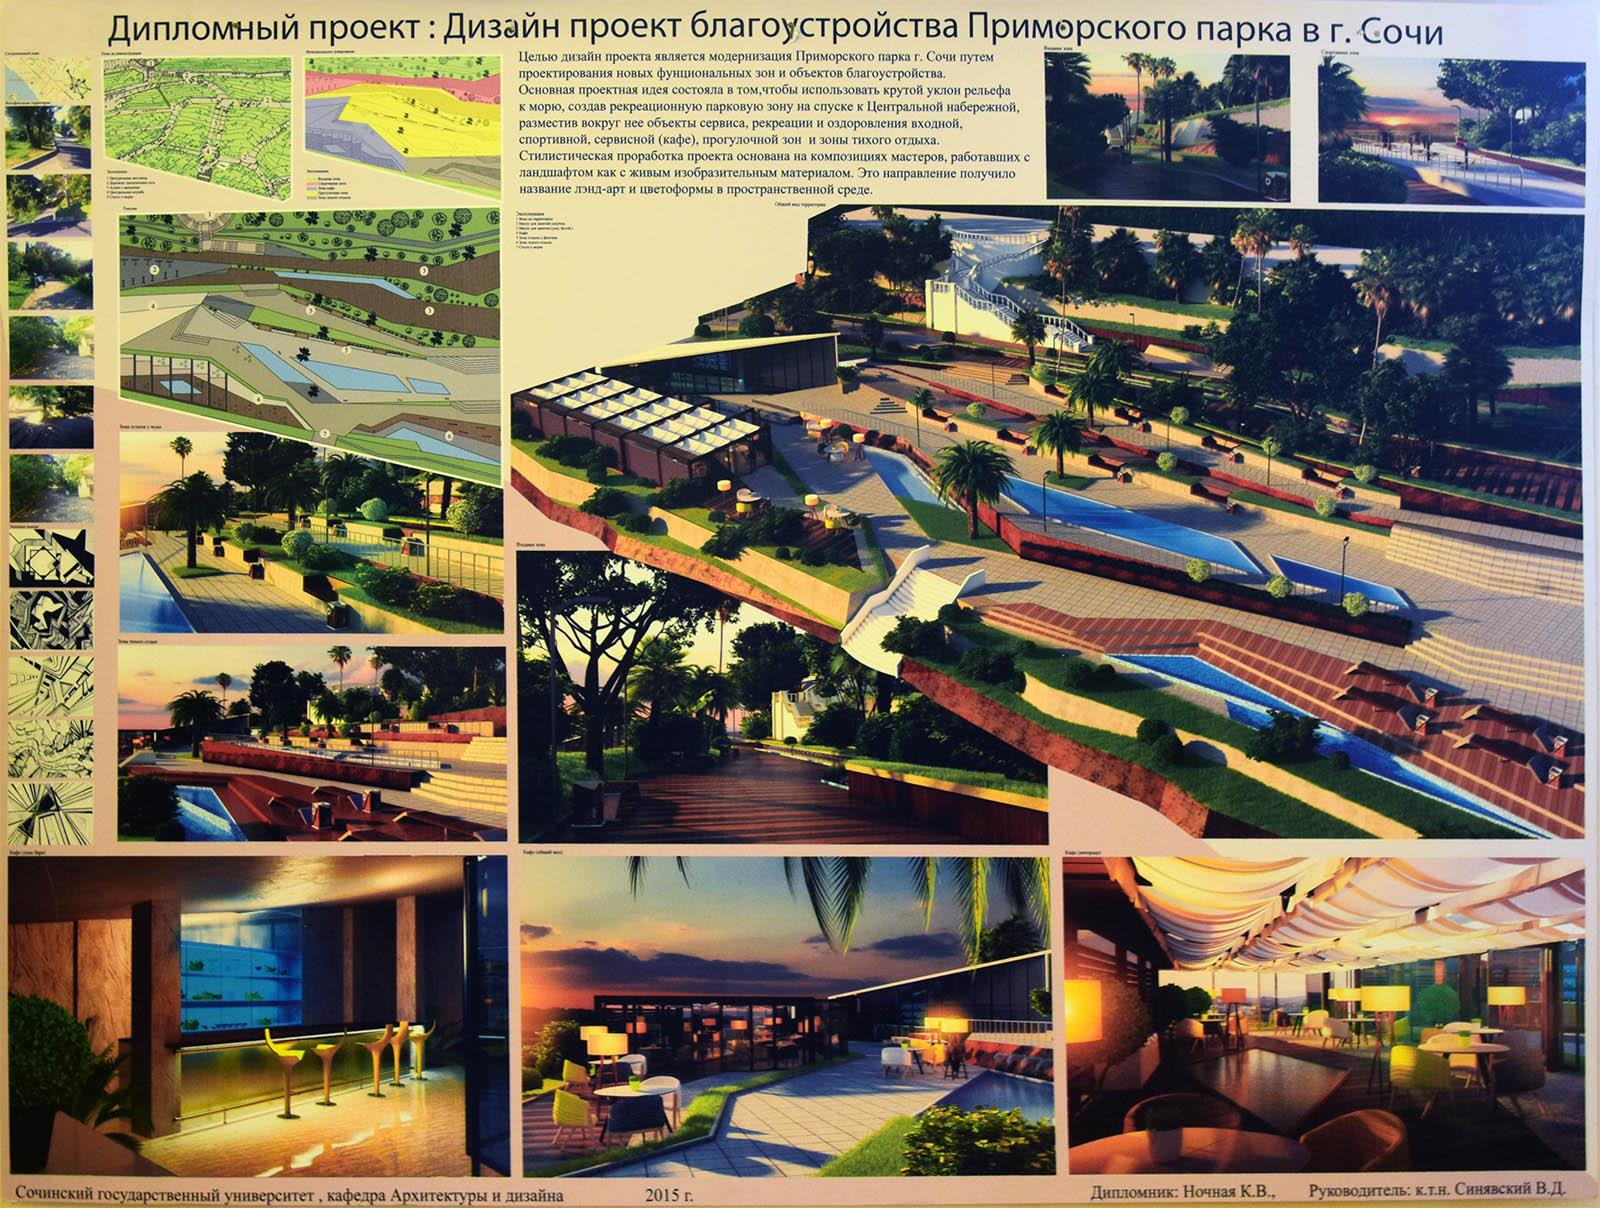 Голосование за самый нужный проект для города Сочи Дипломный проект Дизайн проект благоустройства Приморского парка в г Сочи